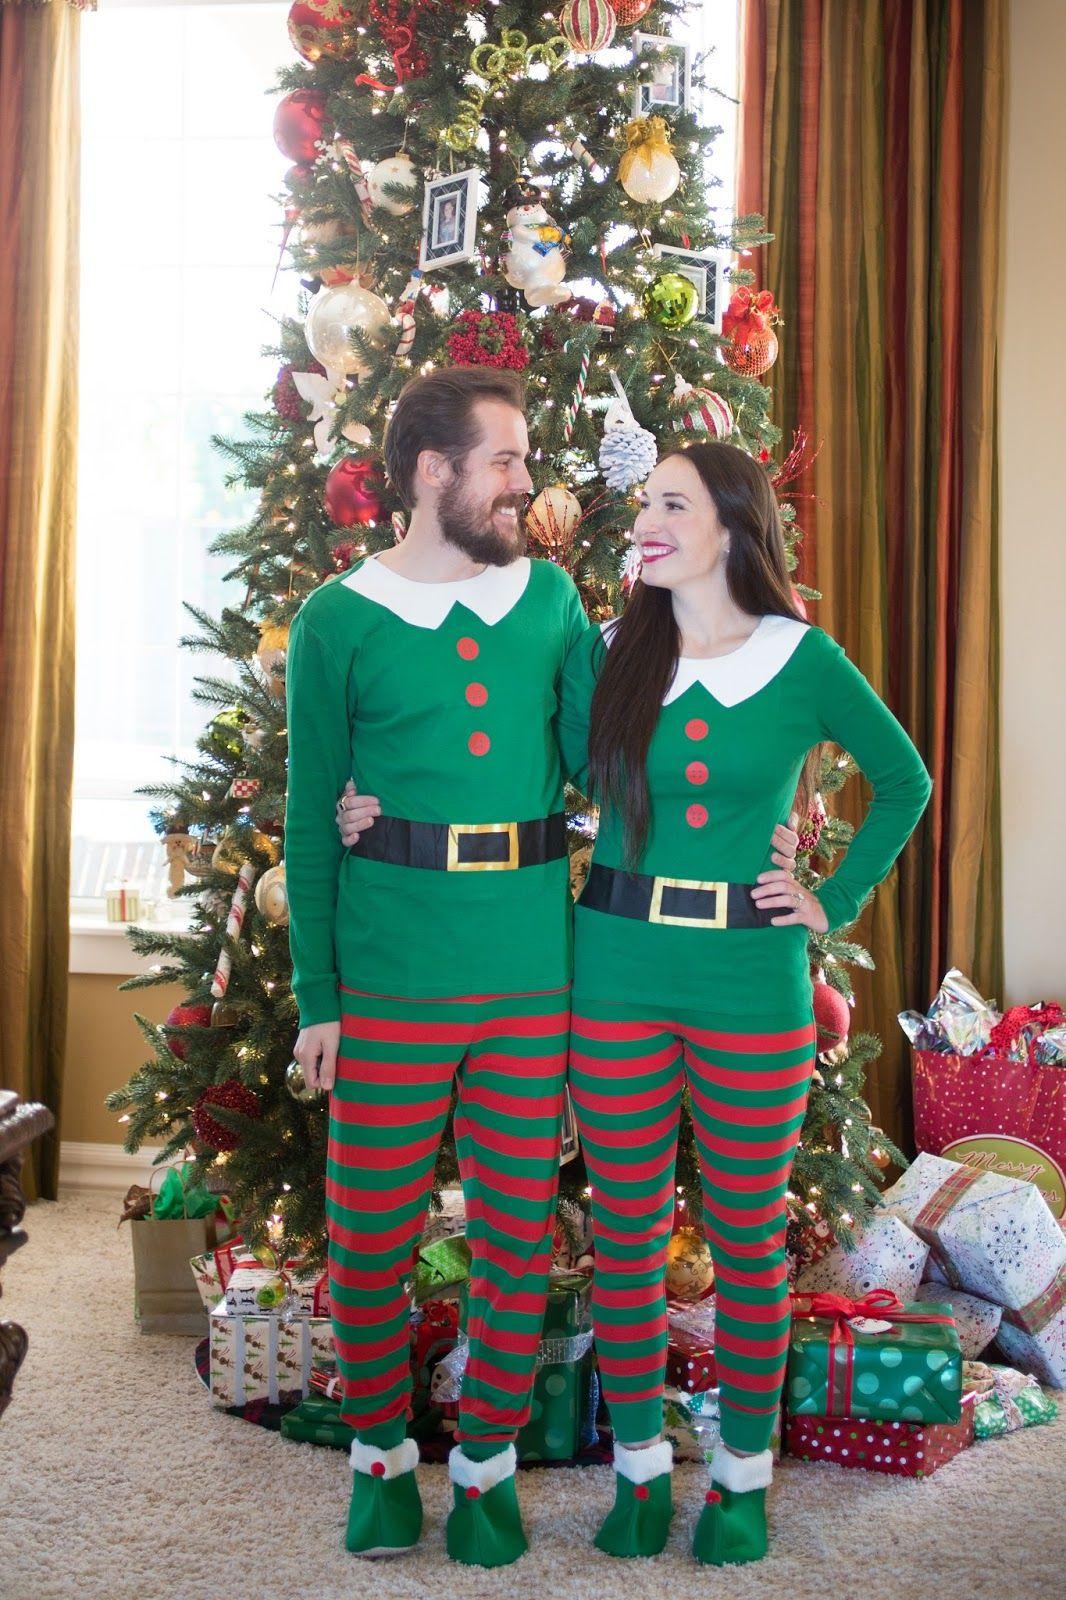 Merry Christmas! Christmas fashion, Christmas pajamas